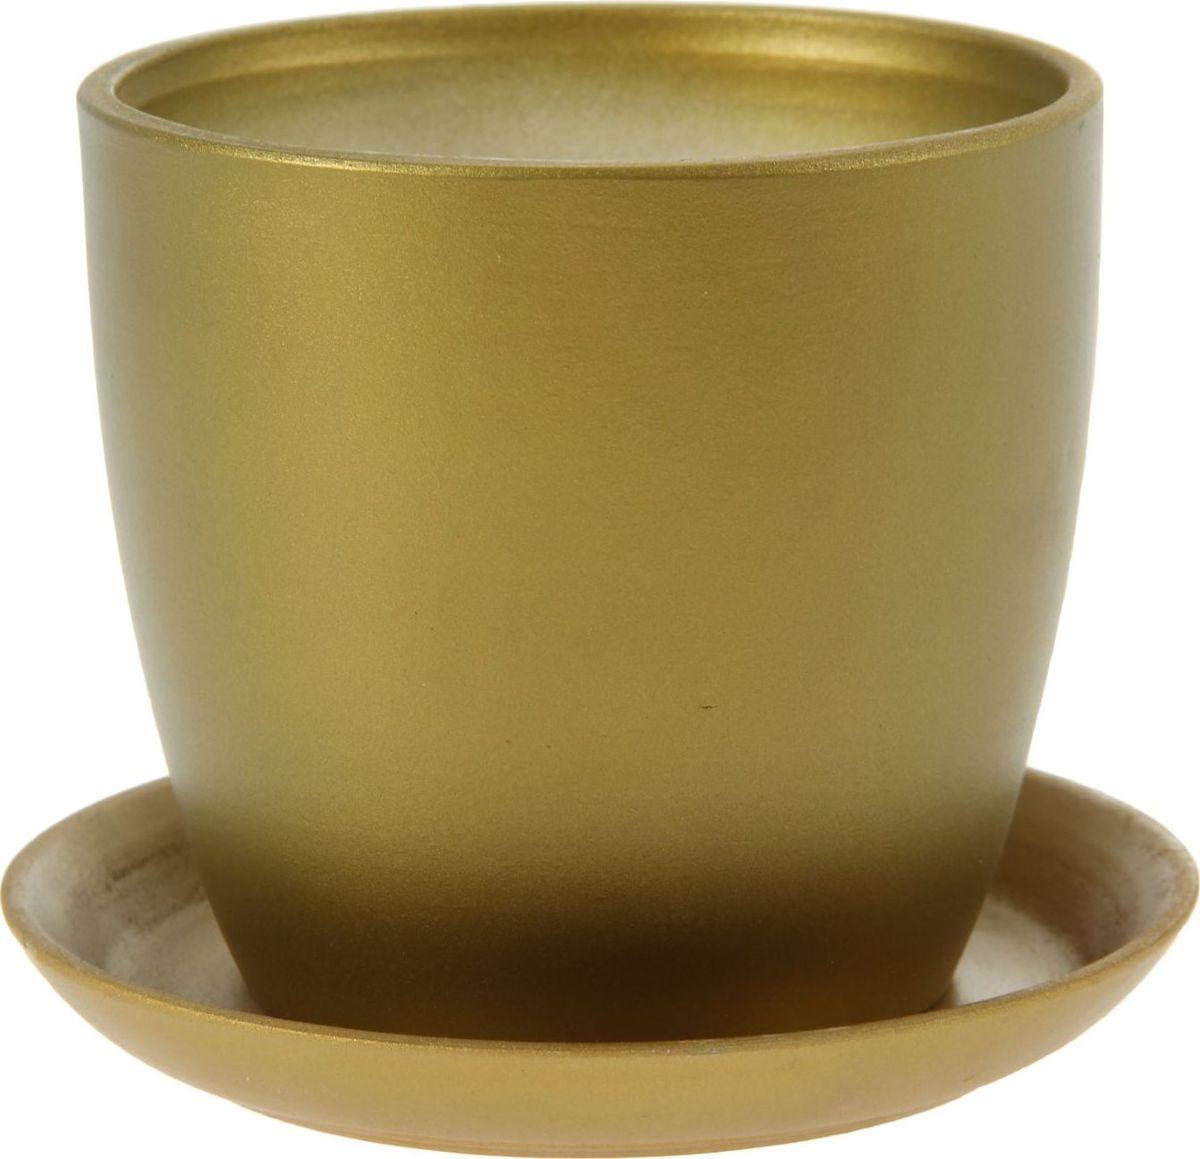 Кашпо Керамика ручной работы Осень, цвет: оливковый, 1 л1149223Комнатные растения - всеобщие любимцы. Они радуют глаз, насыщают помещение кислородом и украшают пространство. Каждому из них необходим свой удобный и красивый дом. Кашпо из керамики прекрасно подходят для высадки растений:пористый материал позволяет испаряться лишней влаге;воздух, необходимый для дыхания корней, проникает сквозь керамические стенки. Кашпо Осень позаботится о зеленом питомце, освежит интерьер и подчеркнет его стиль.